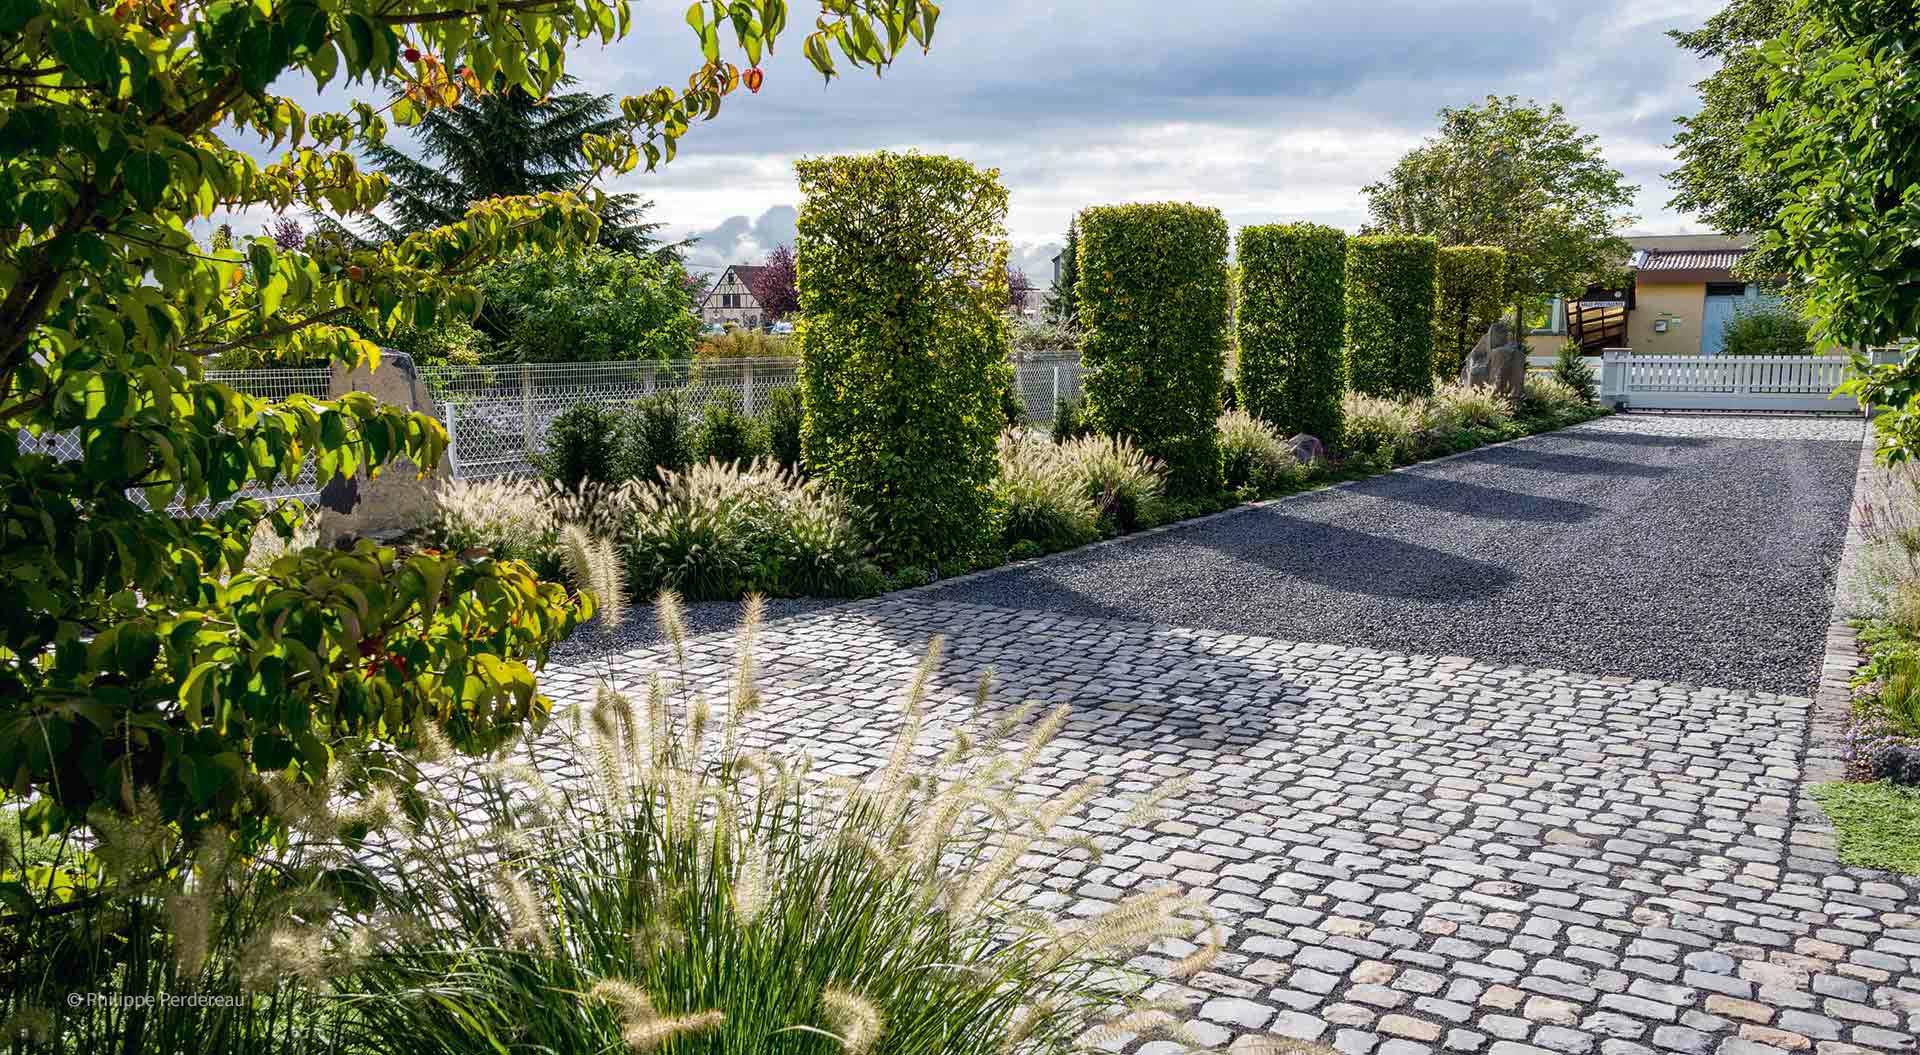 Einfahrt und Hof neben Pflanzen